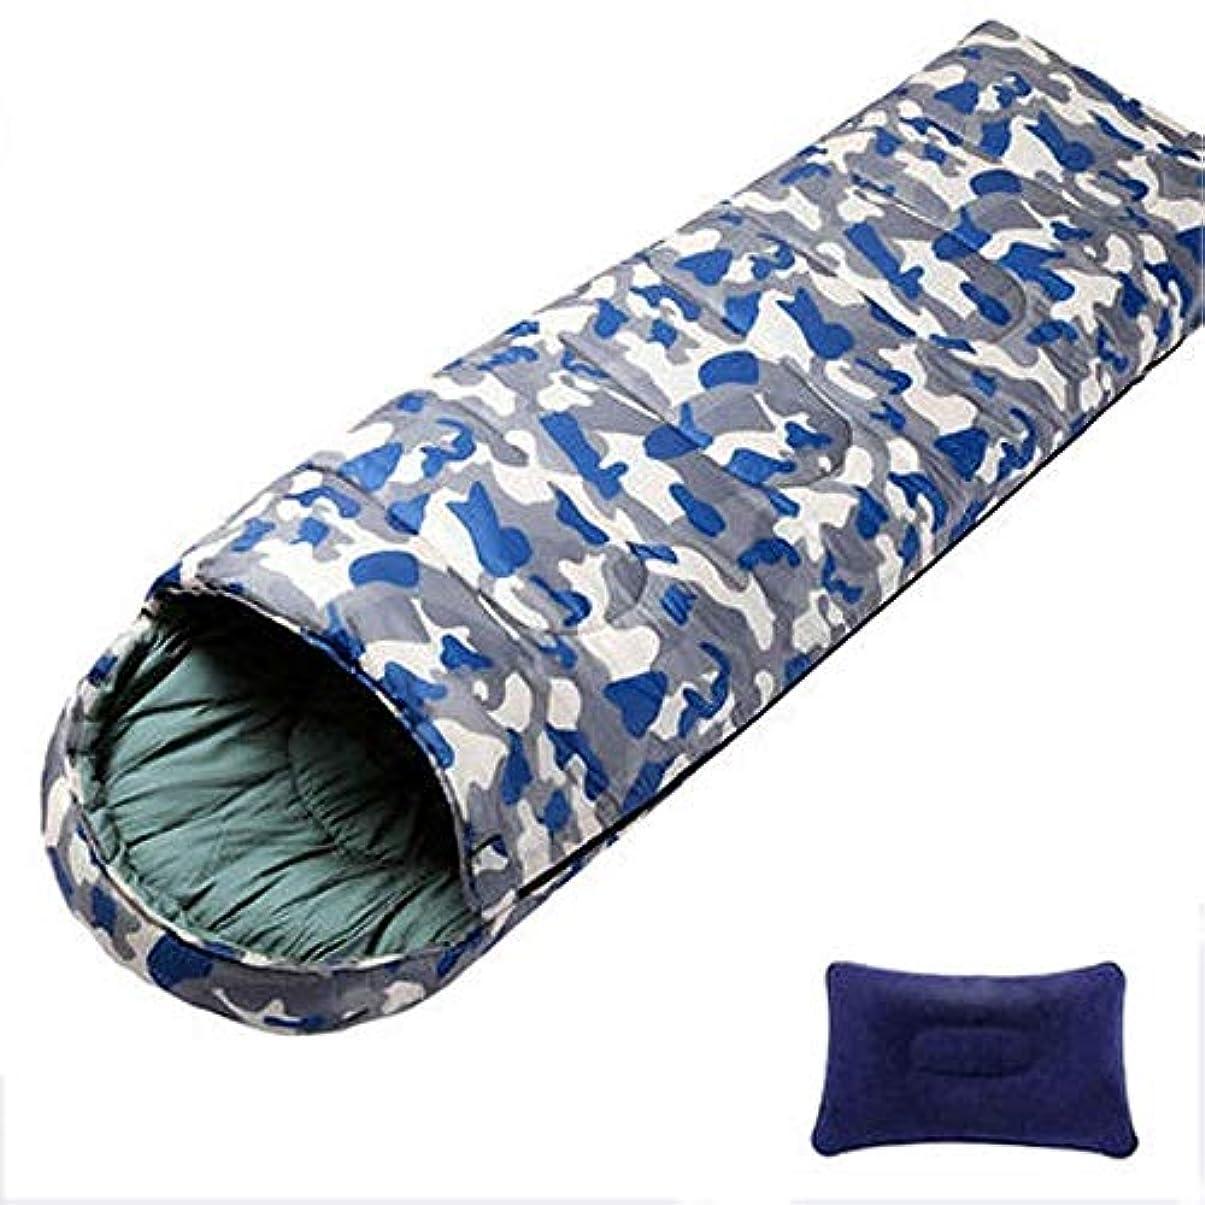 相対サイズ現代のオートメーション春夏寝袋アウトドアキャンプハイキング 軍の封筒大人